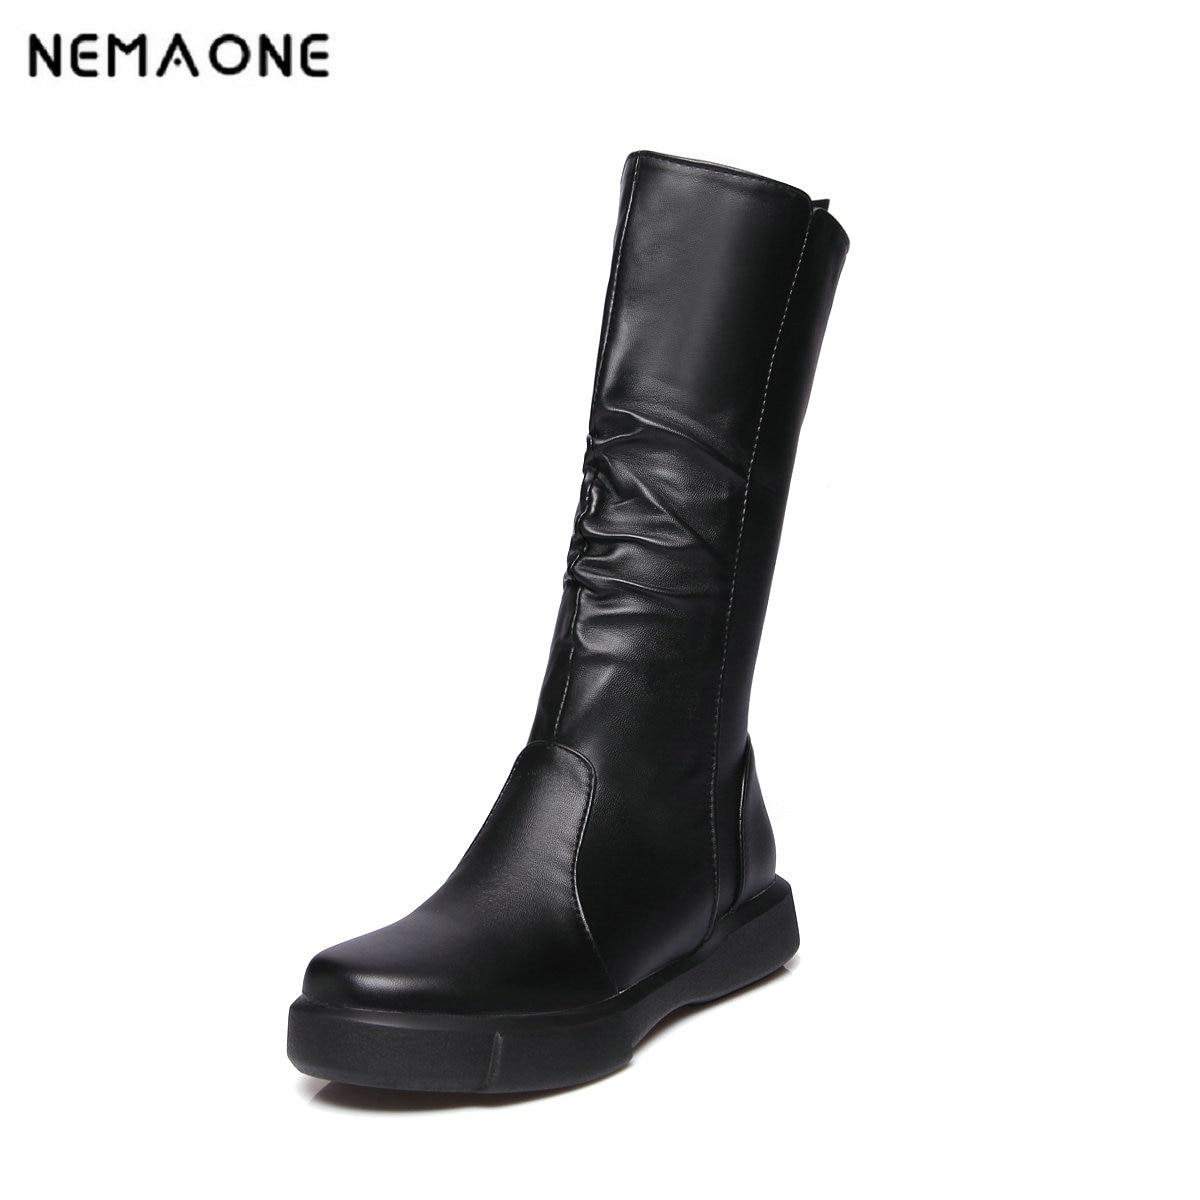 Y Cm Mediados Grande Tamaño Pie Botas Moda blanco Redonda Del Zapatos Negro Pantorrilla Bajo Dedo 2019 34 43 Tacón De Mujeres 3 Señoras Negro Blanco Es 8w15xxUq